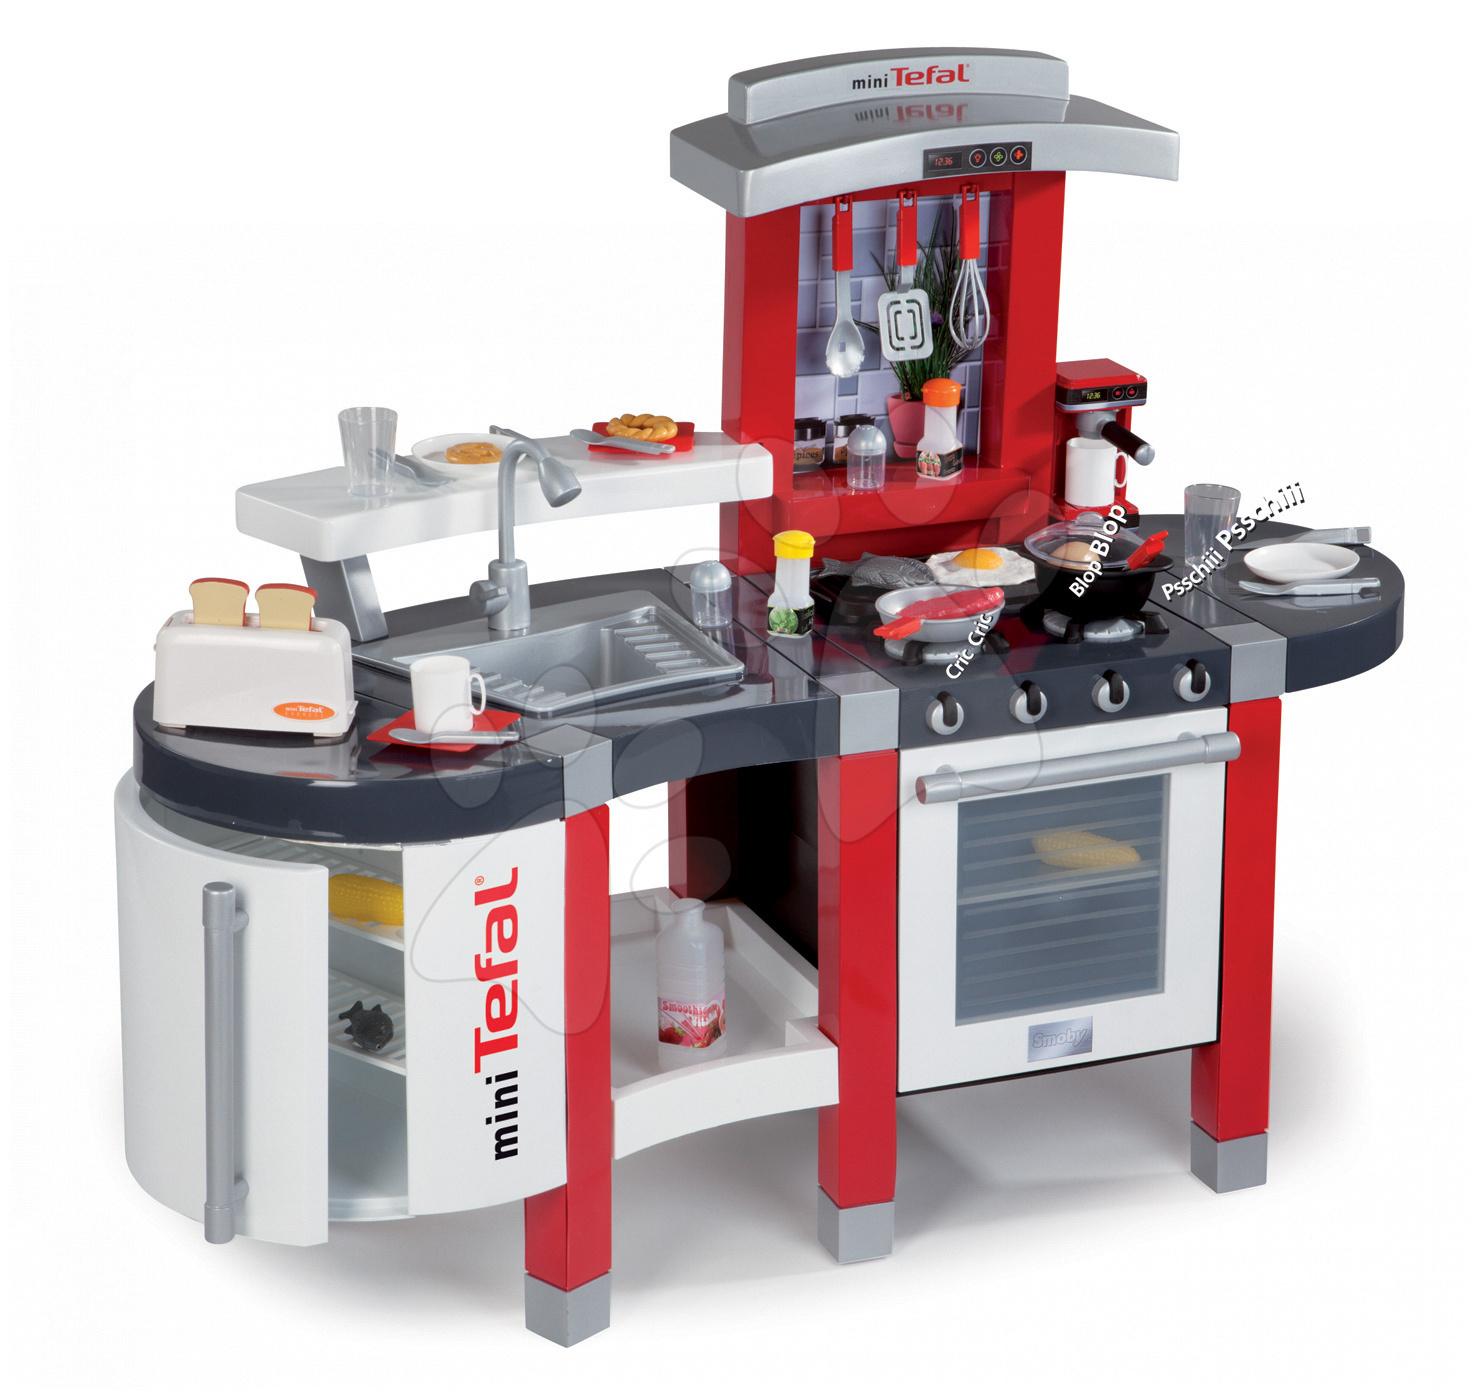 Kuchynka Tefal SuperChef Smoby elektronická so zvukmi, s jedálenským pultom a 37 doplnkami (toaster)